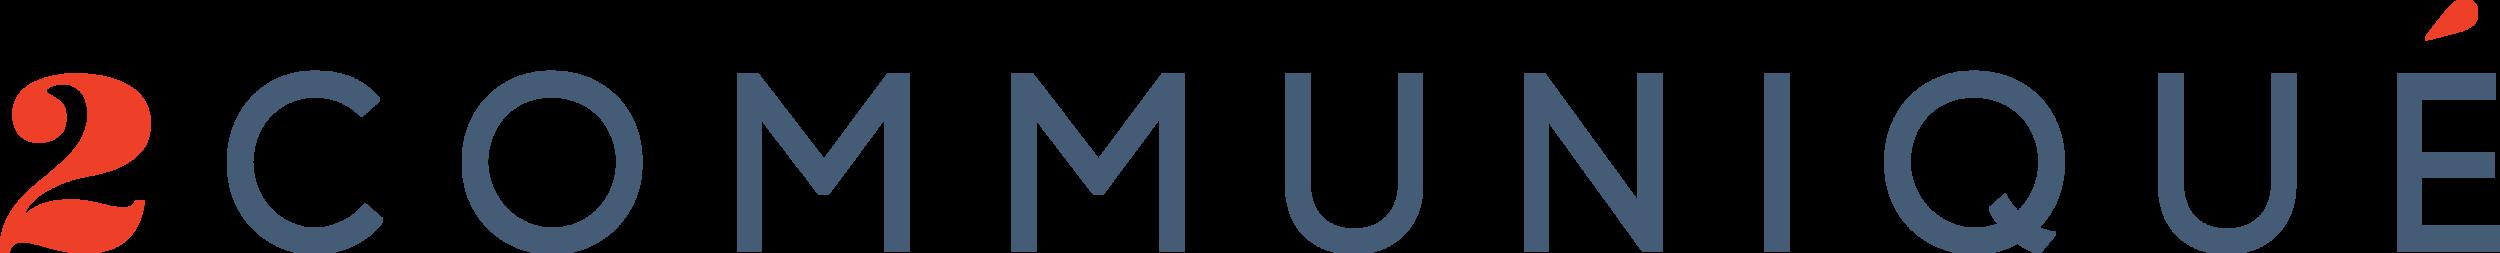 2communique Logo.png